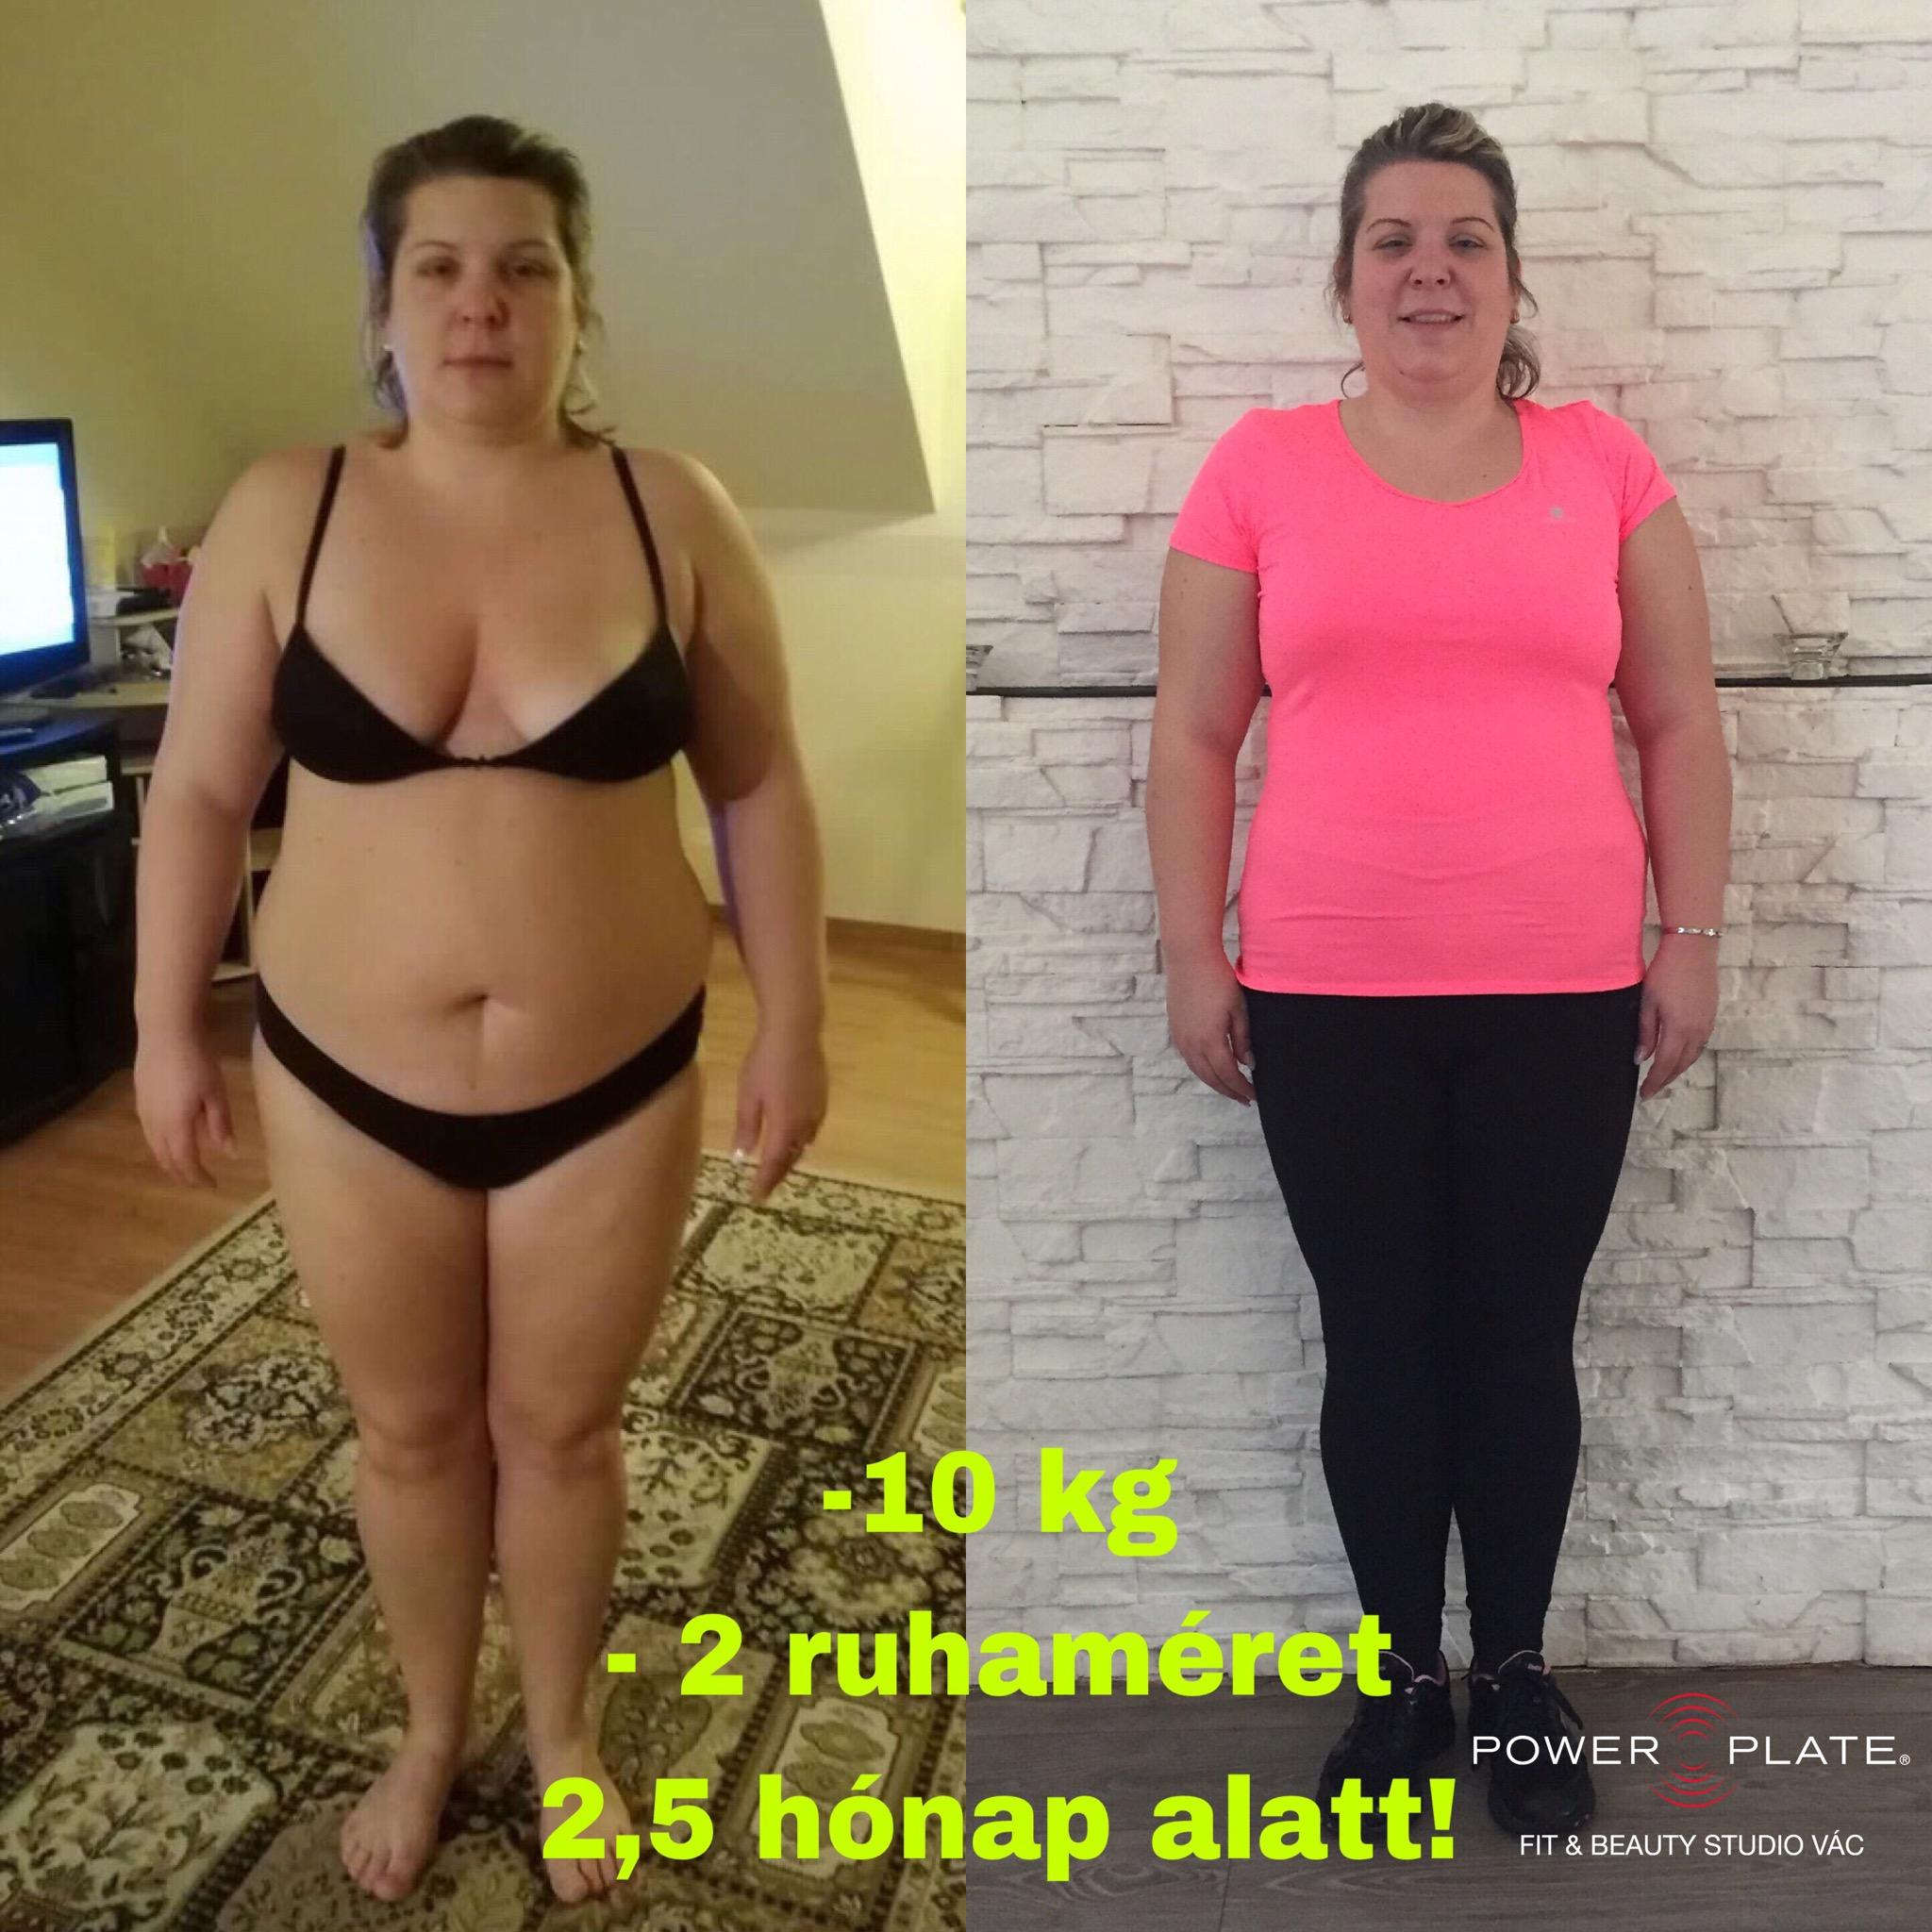 2 hónap alatt 10 kg-t lehet fogyni? Lent a többi!